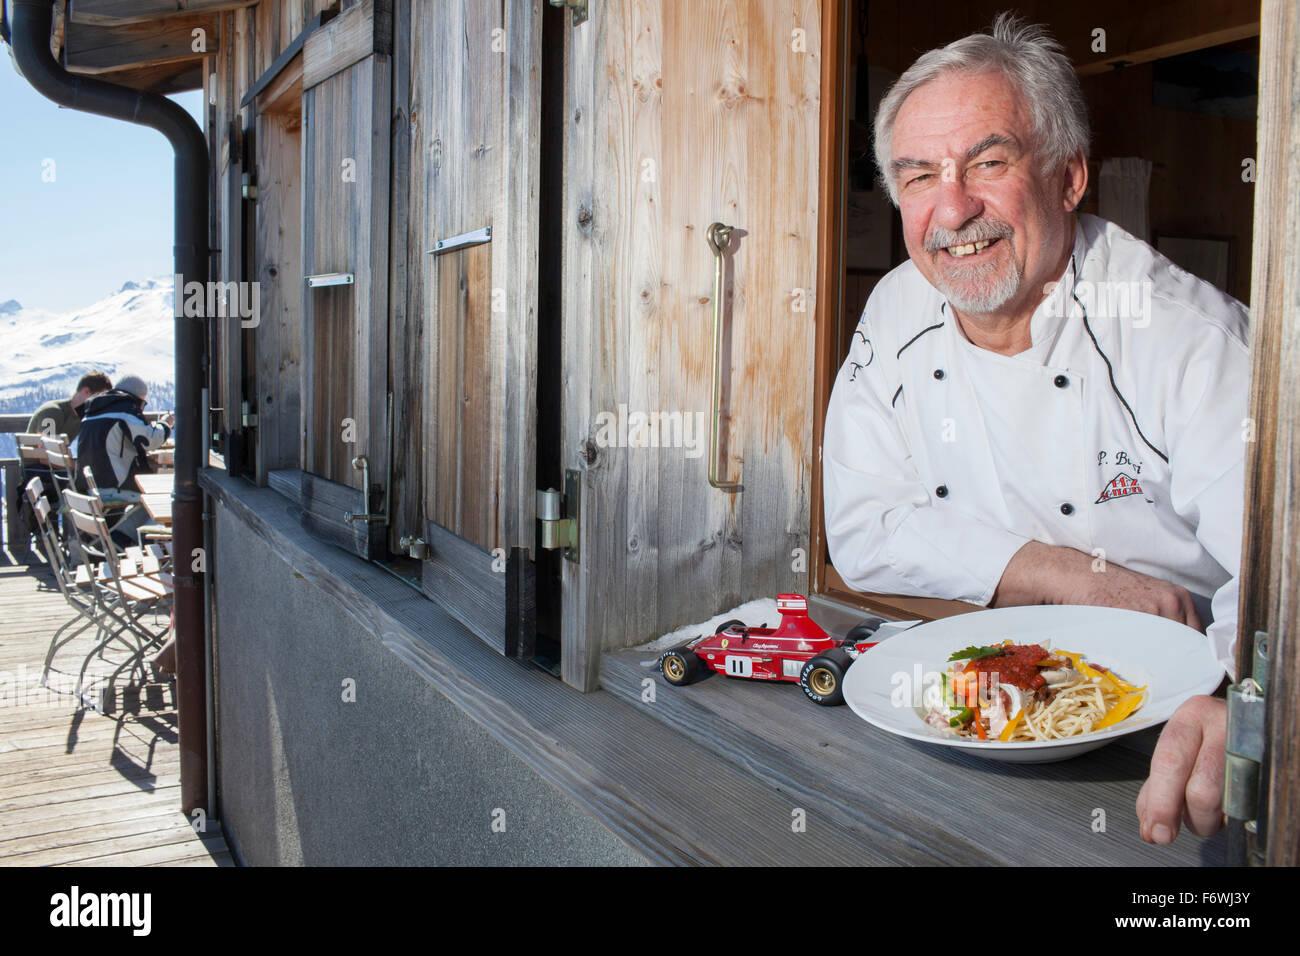 Kochen Sie mit einem Teller Spaghetti Regazzoni, Berggasthaus Piz Scalottas, Lenzerheide, Scharans, Kanton Graubündens, Stockbild